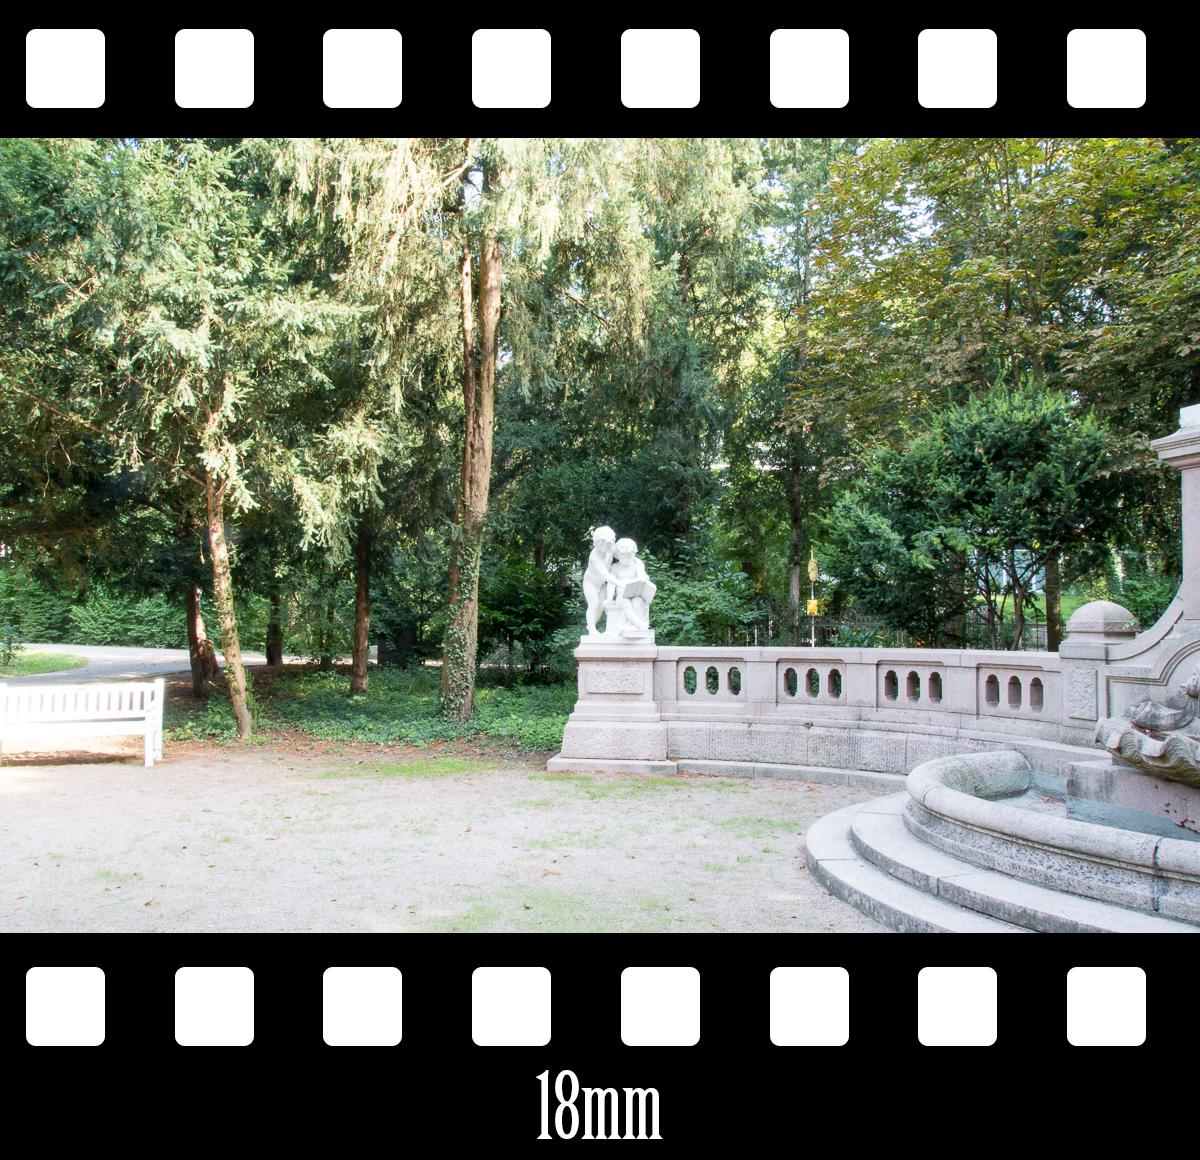 bsp_18mm.jpg